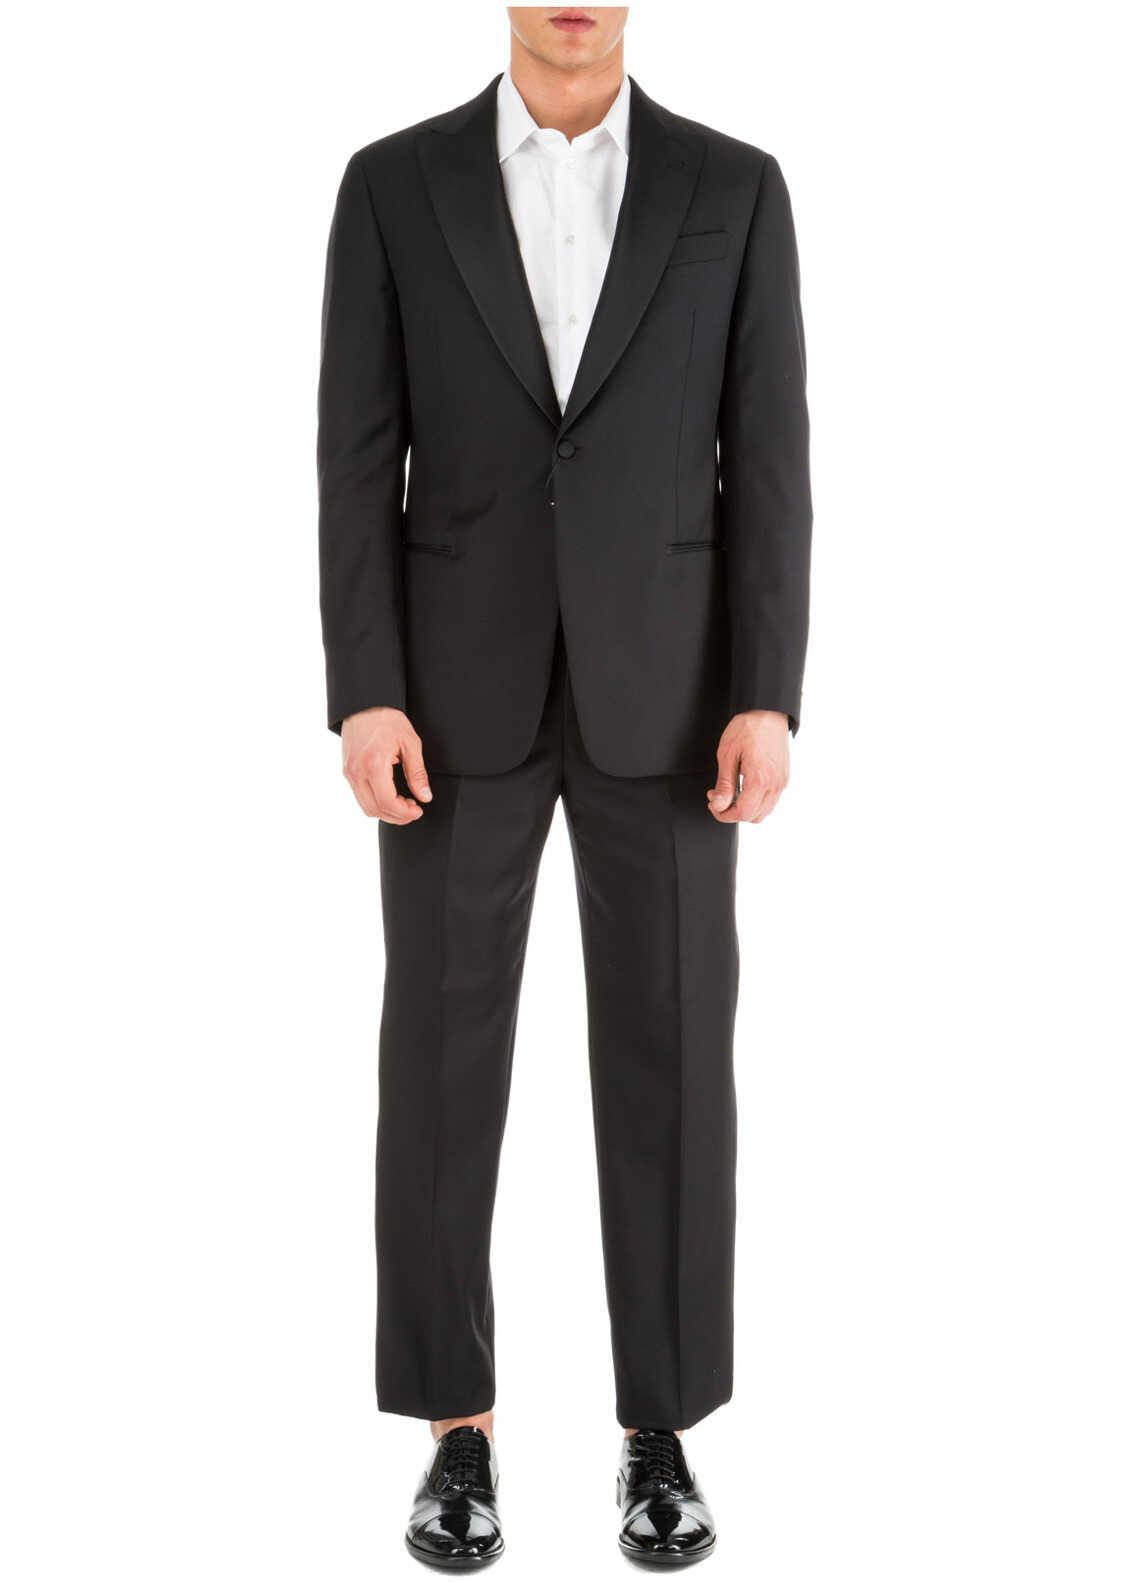 Emporio Armani Suit Black imagine